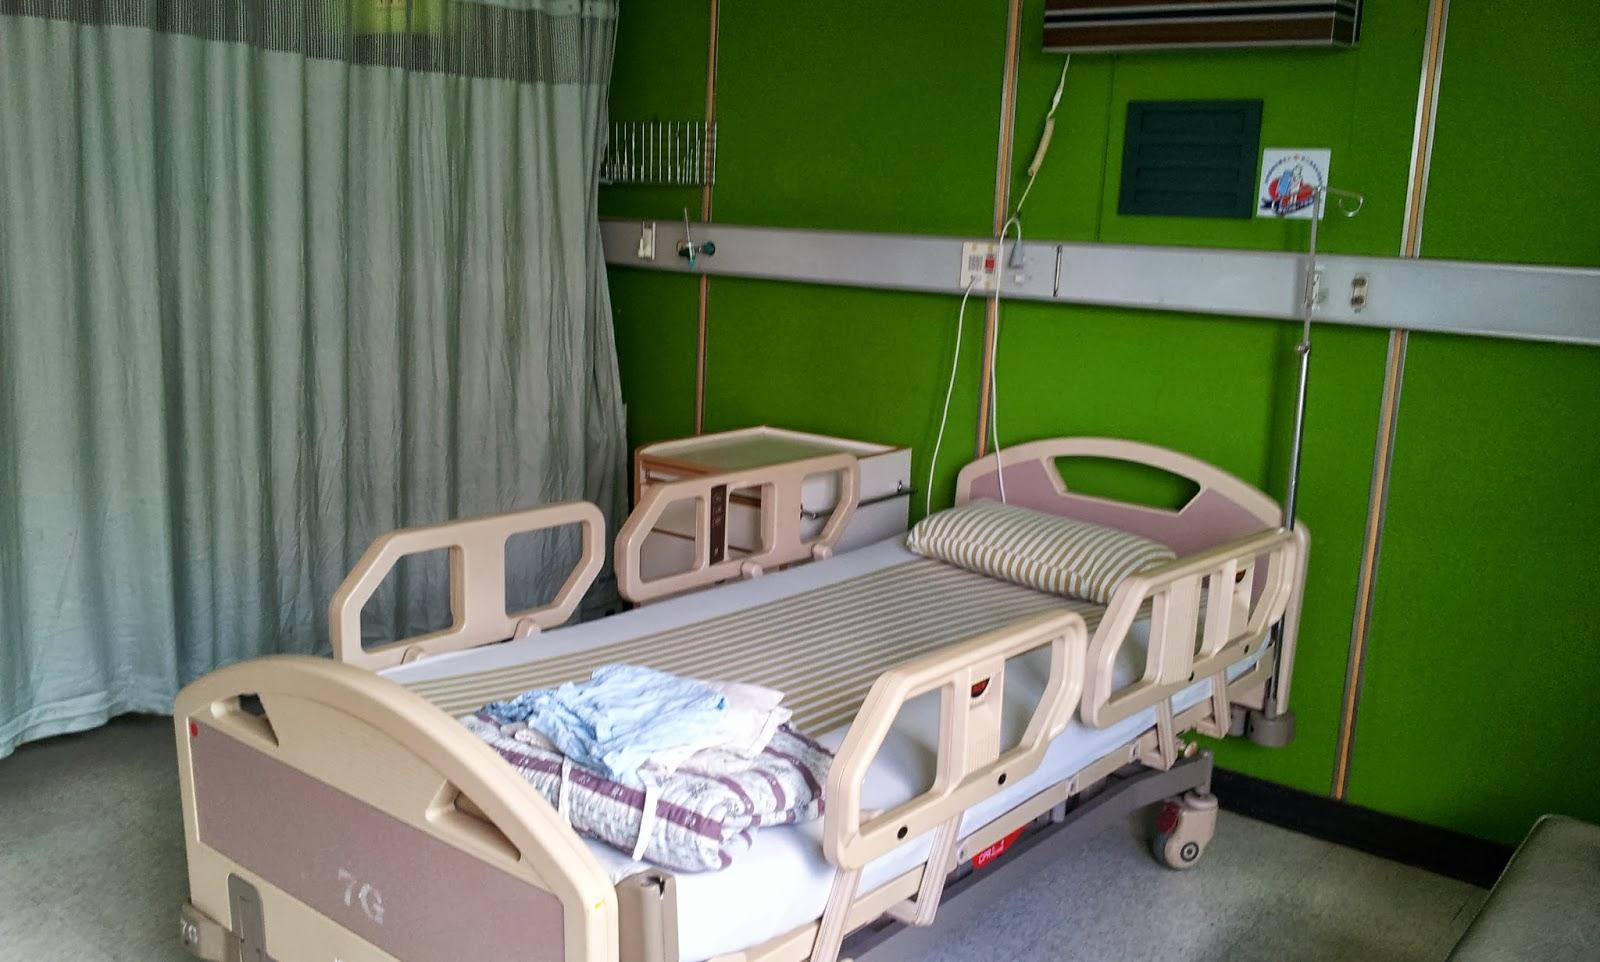 【單人房·長庚】長庚醫院單人房 – TouPeenSeen部落格